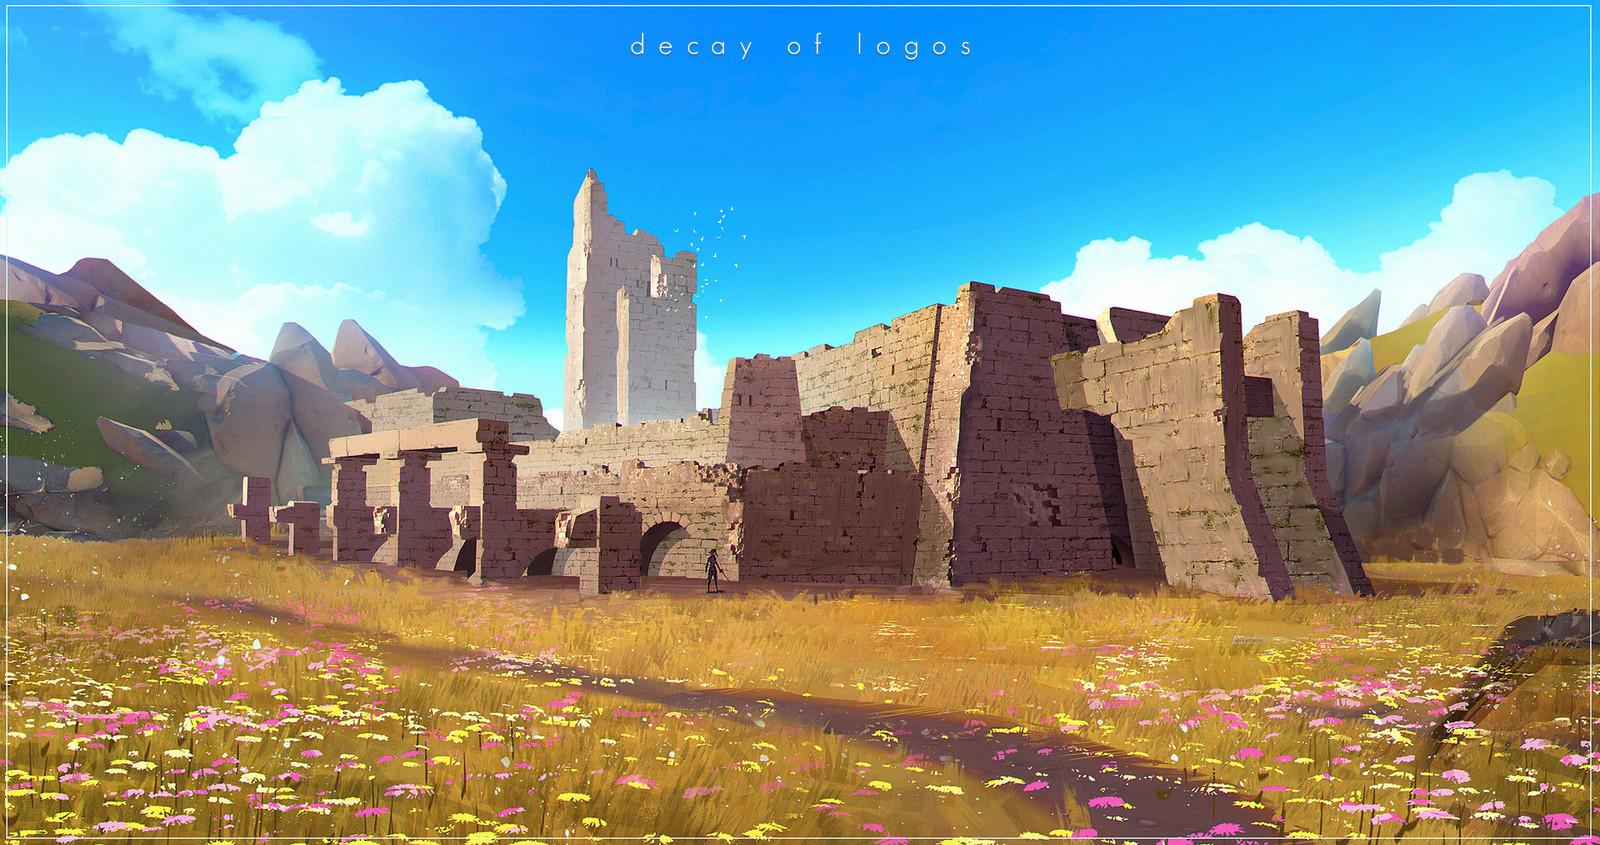 Decay of Logos - Arbor Sanctum Ruins